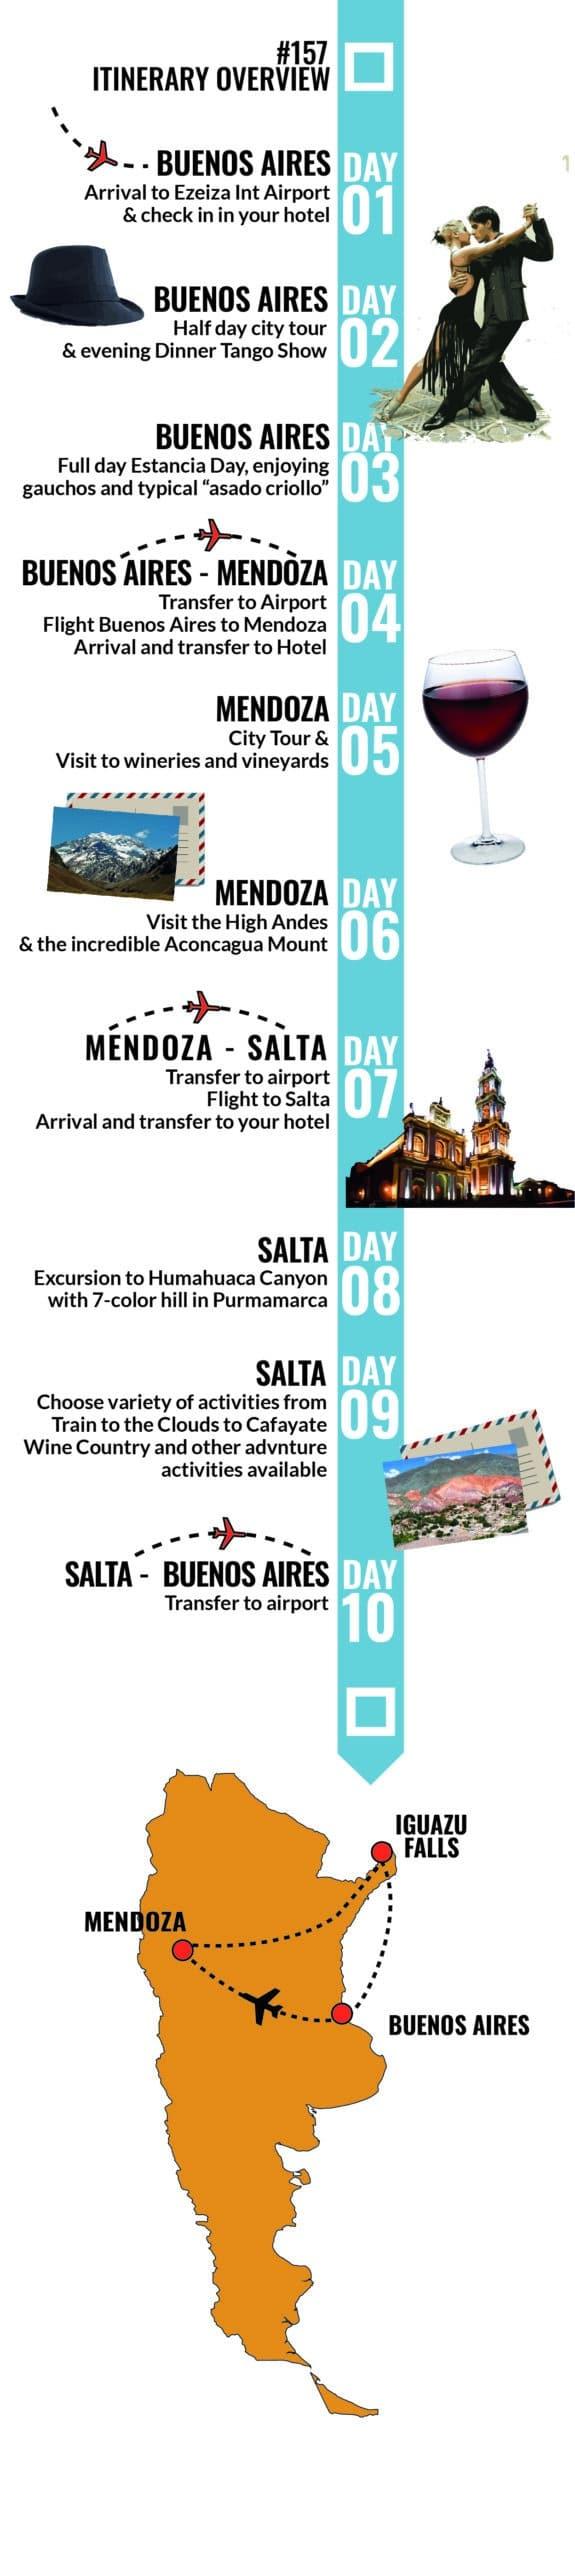 Buenos Aires, Mendoza and Salta - RipioTurismo DMC Argentina